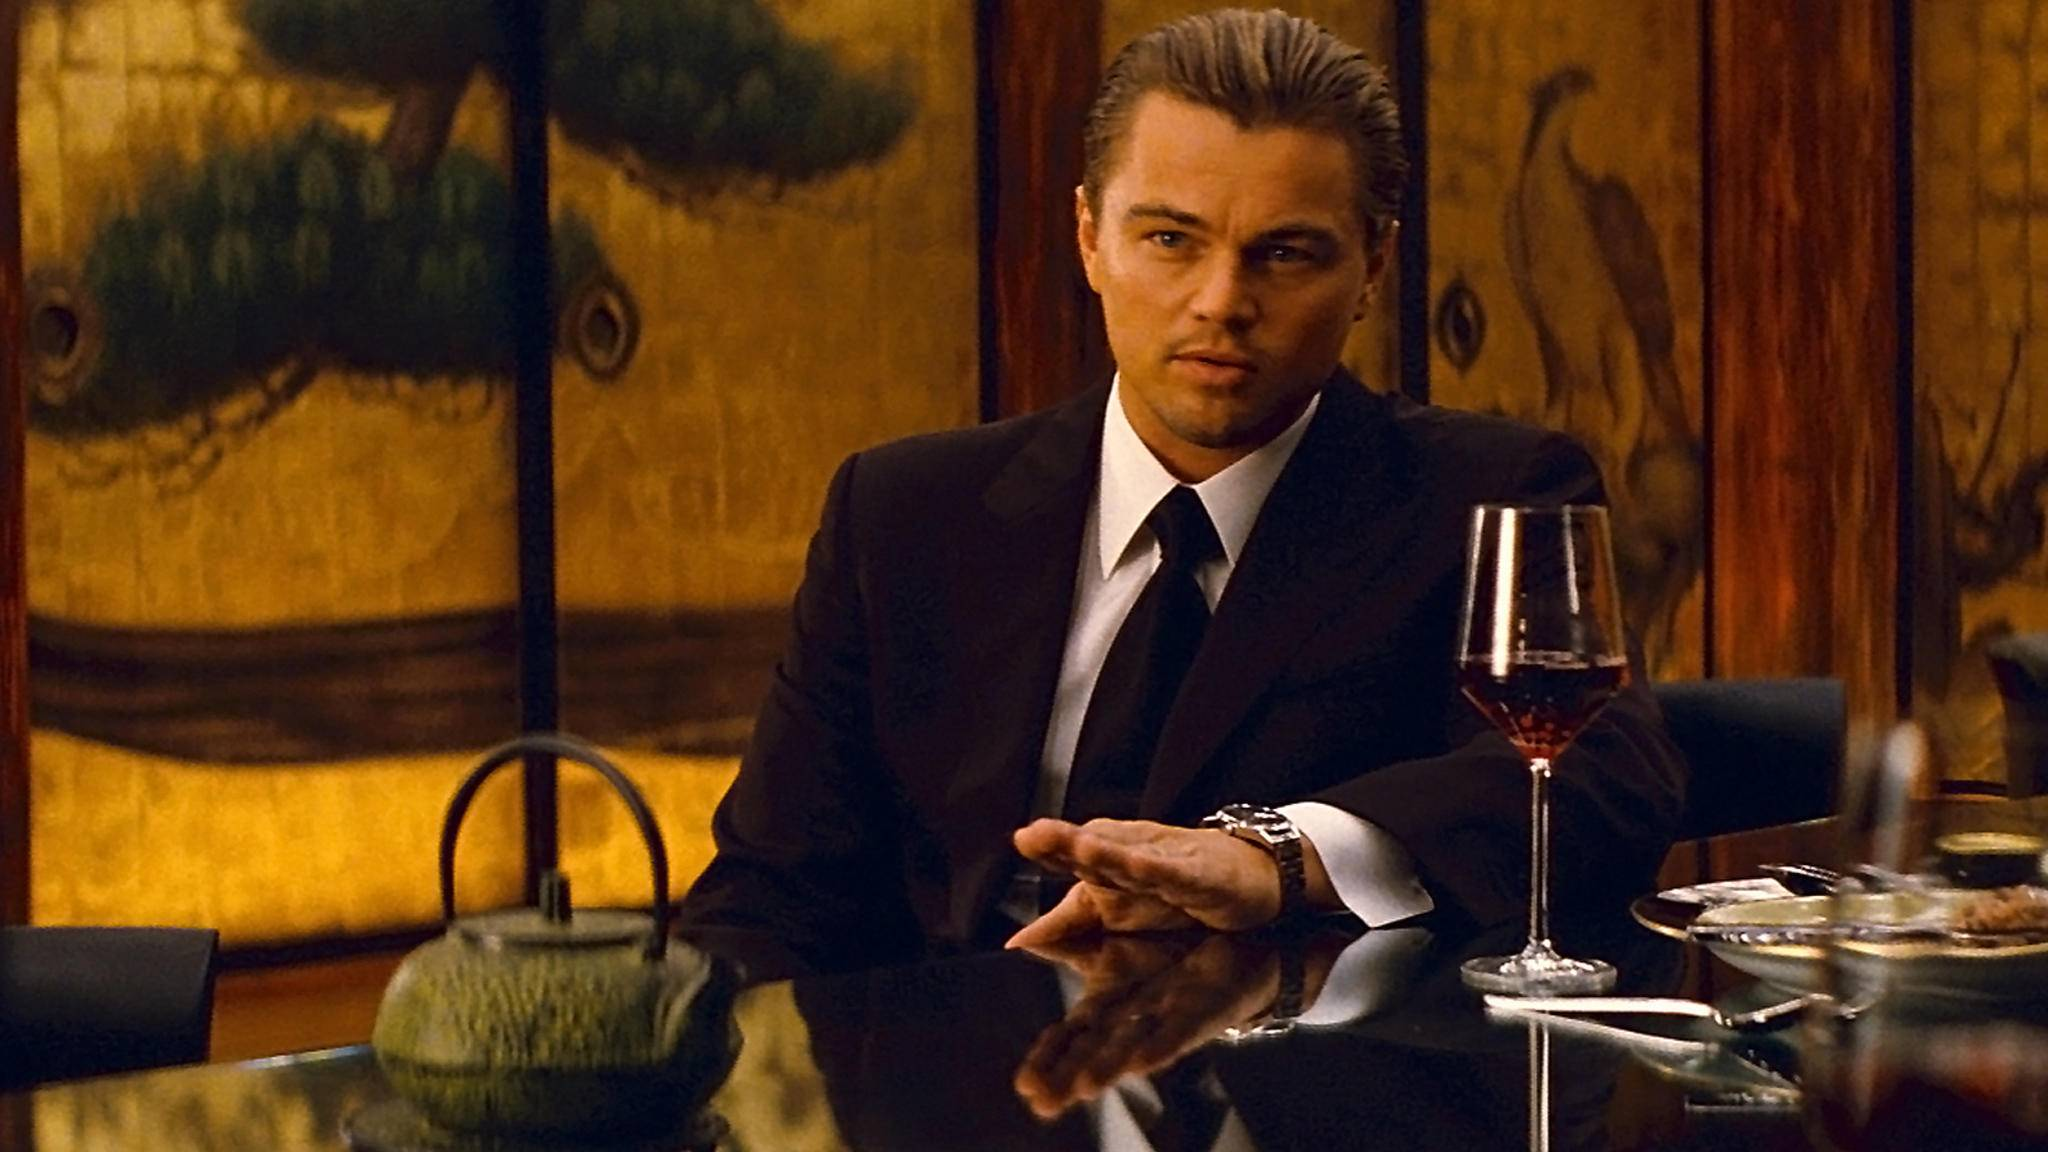 Einen Oscar hat Leonardo DiCaprio mittlerweile. Und wann kommt der Stern für den Star?